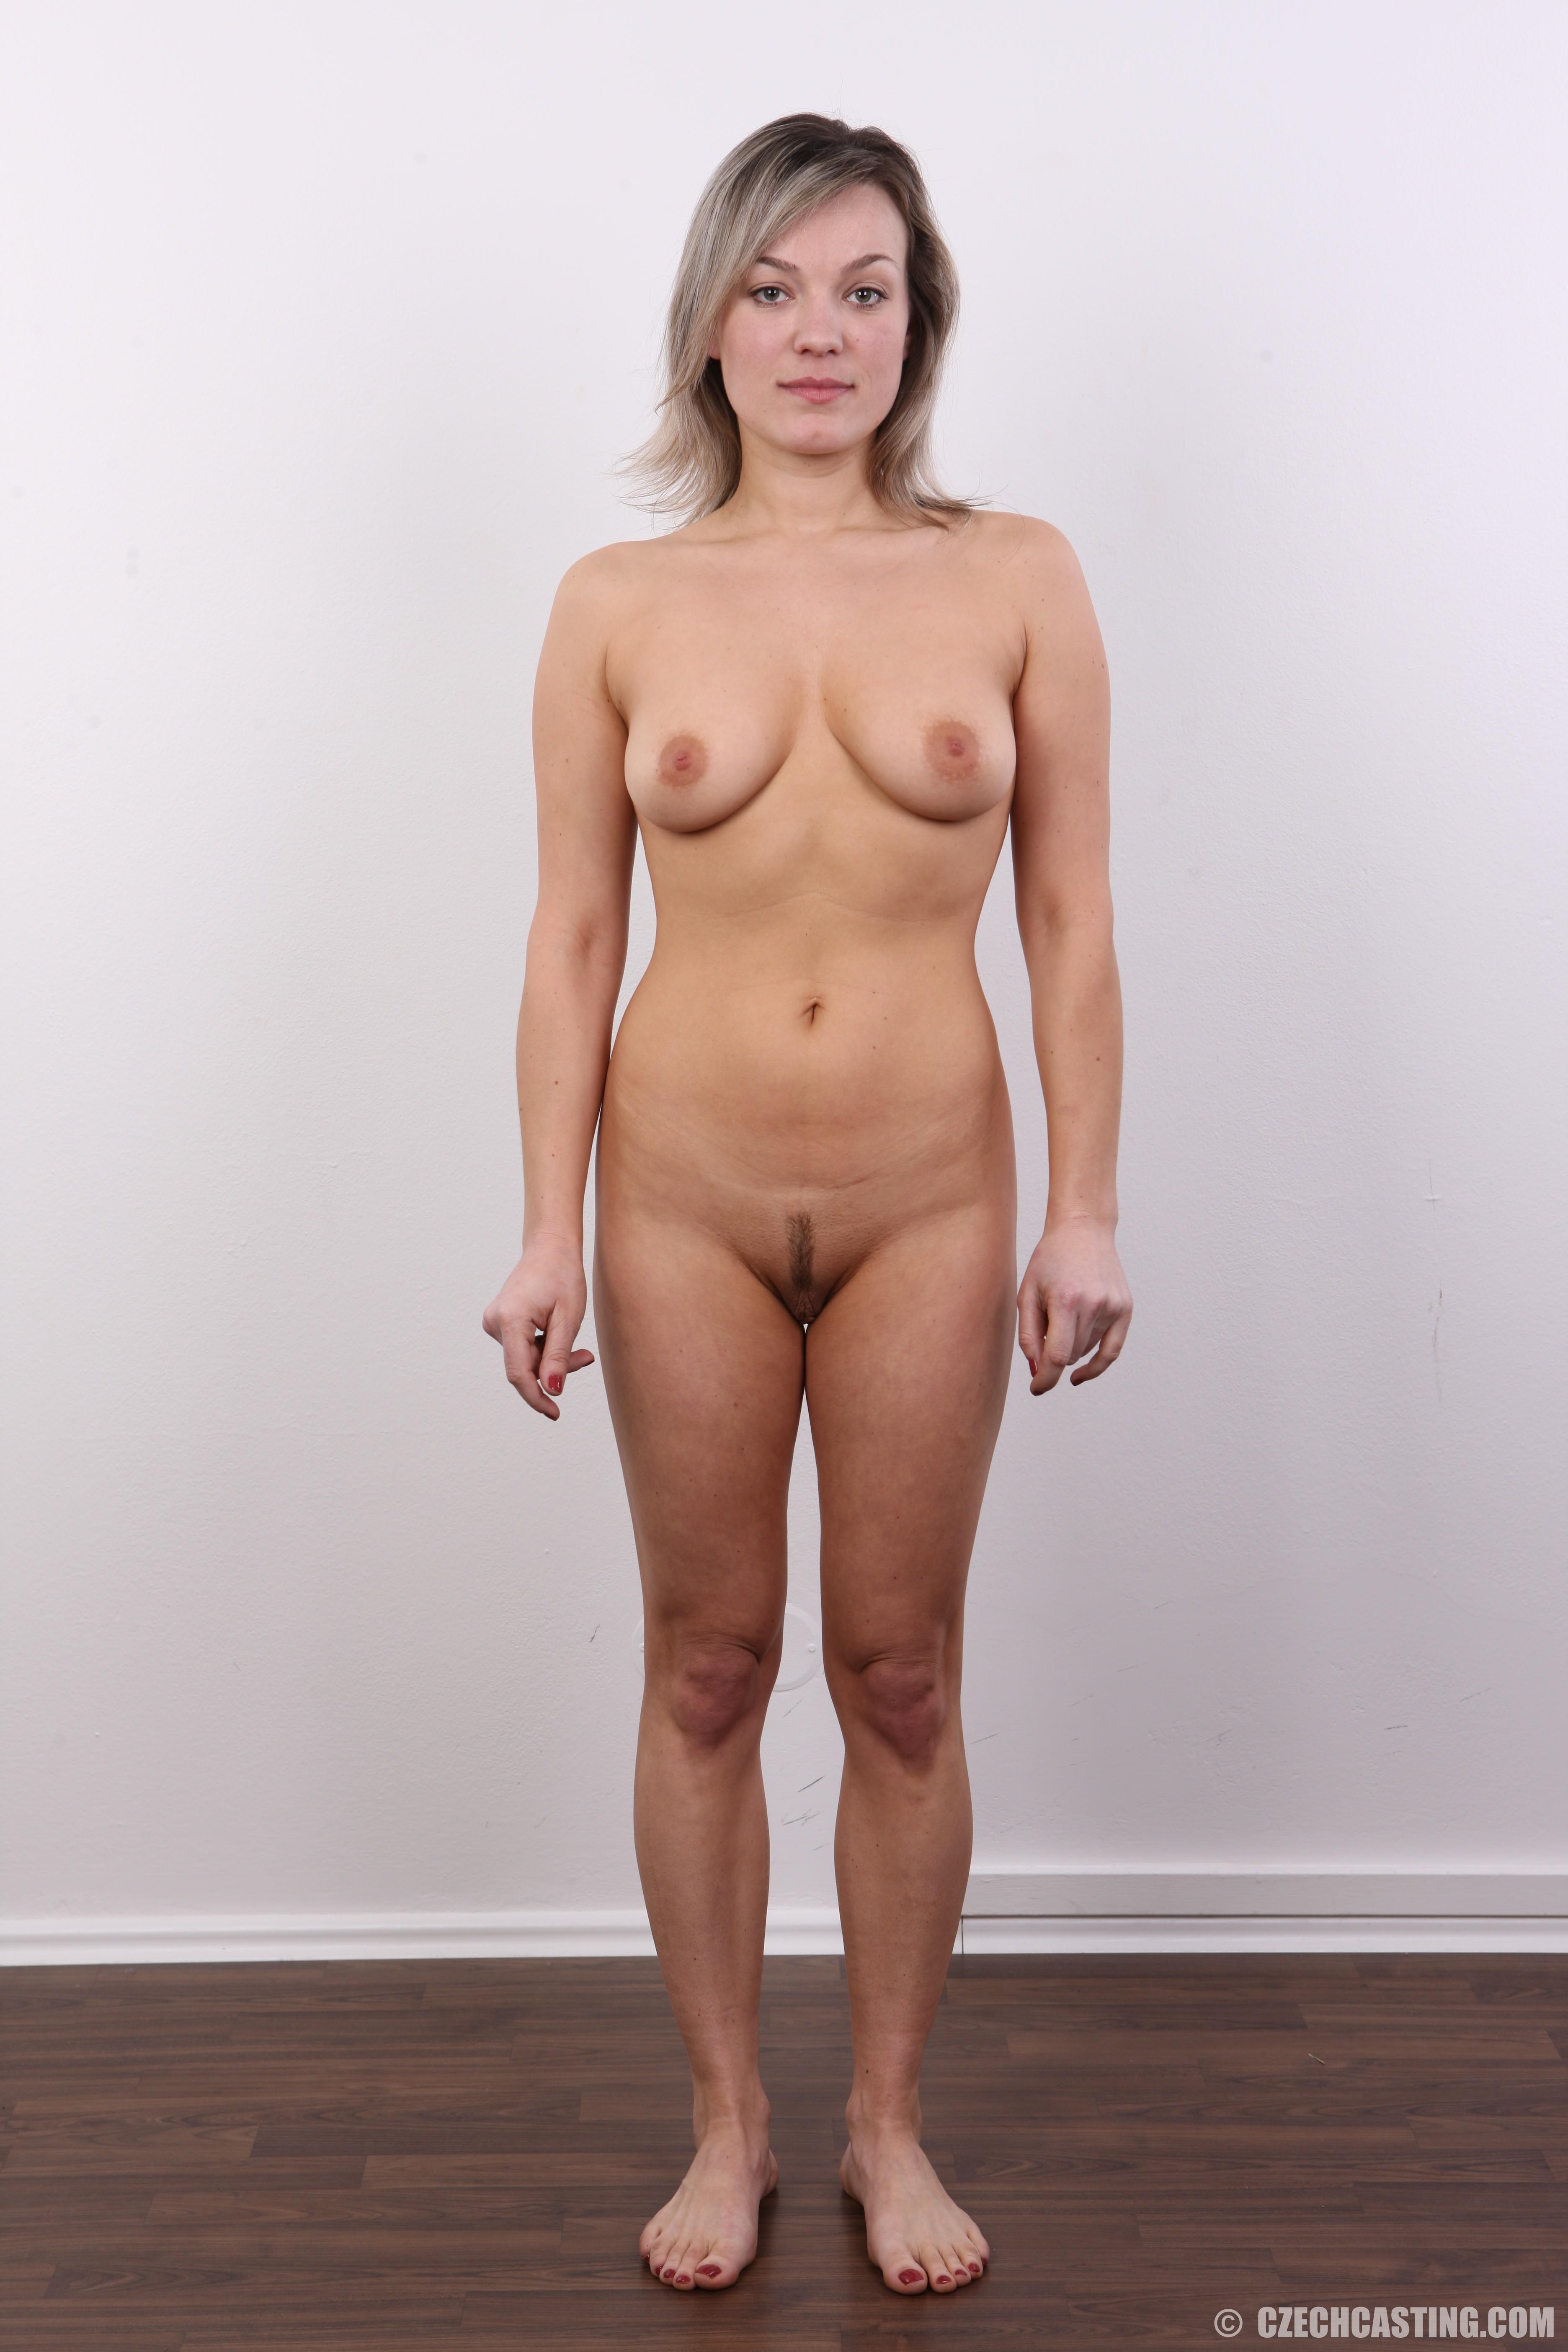 Девушка участвует в фотосессии, чтоб показать своё обнажённое тело перед камерой всем желающим